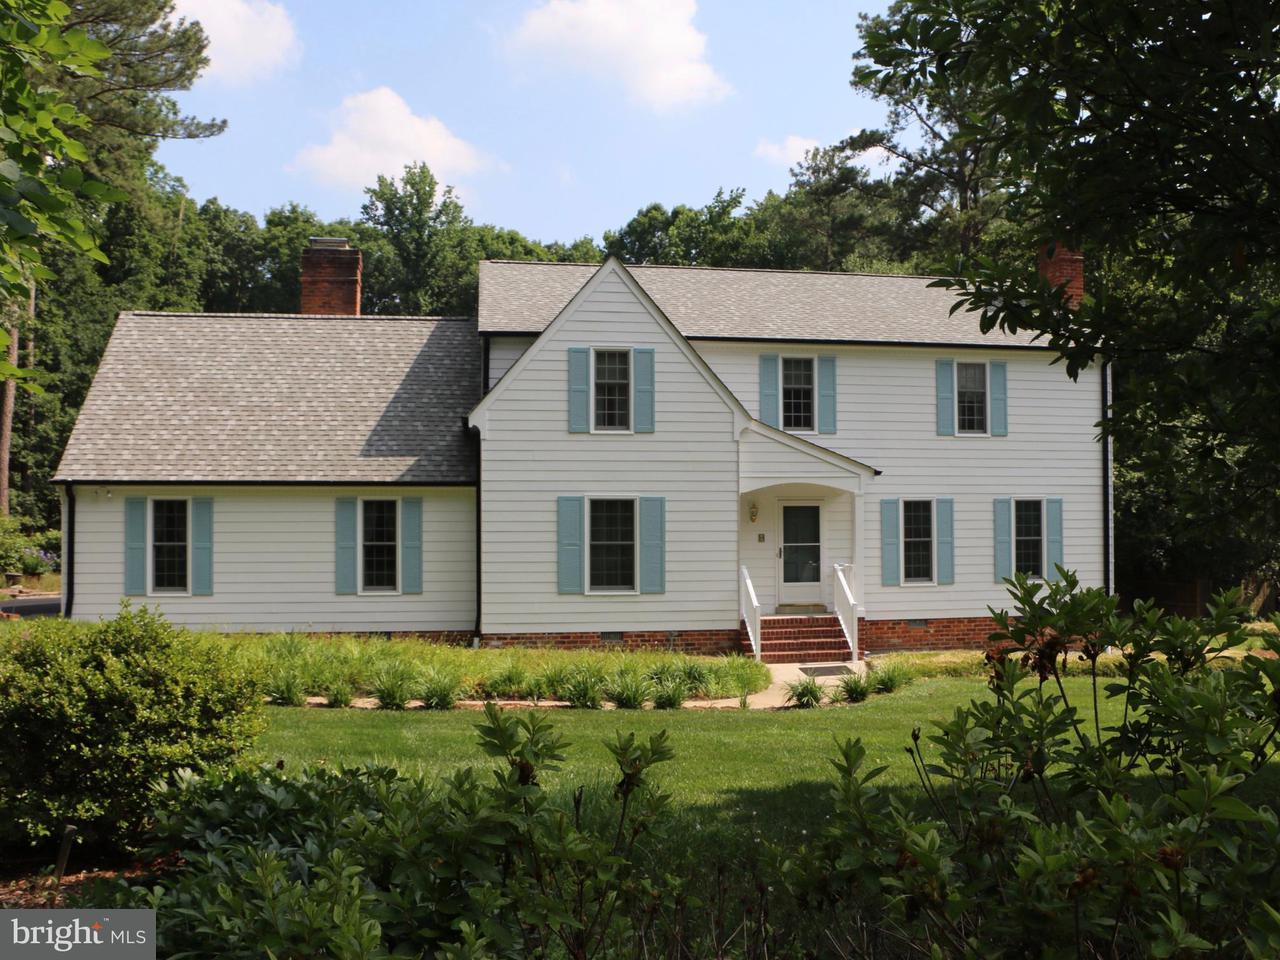 一戸建て のために 売買 アット 11771 REXMOOR Drive 11771 REXMOOR Drive Richmond, バージニア 23236 アメリカ合衆国